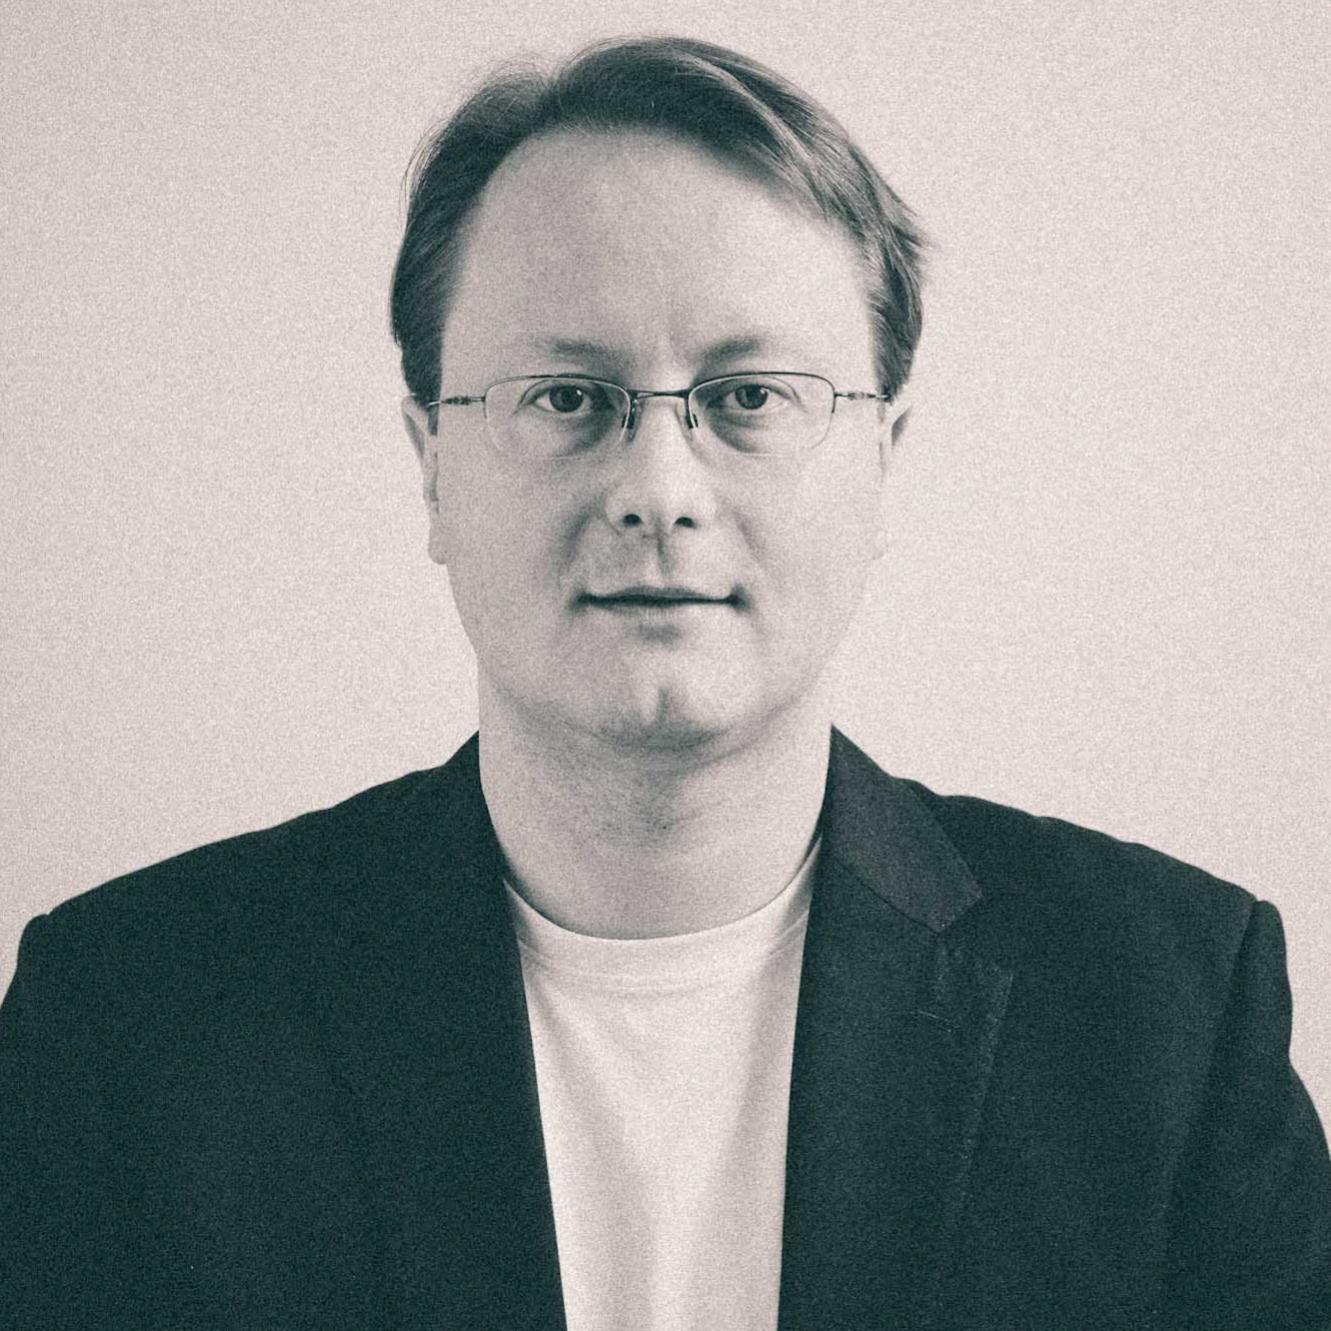 Mikko Pylkkänen